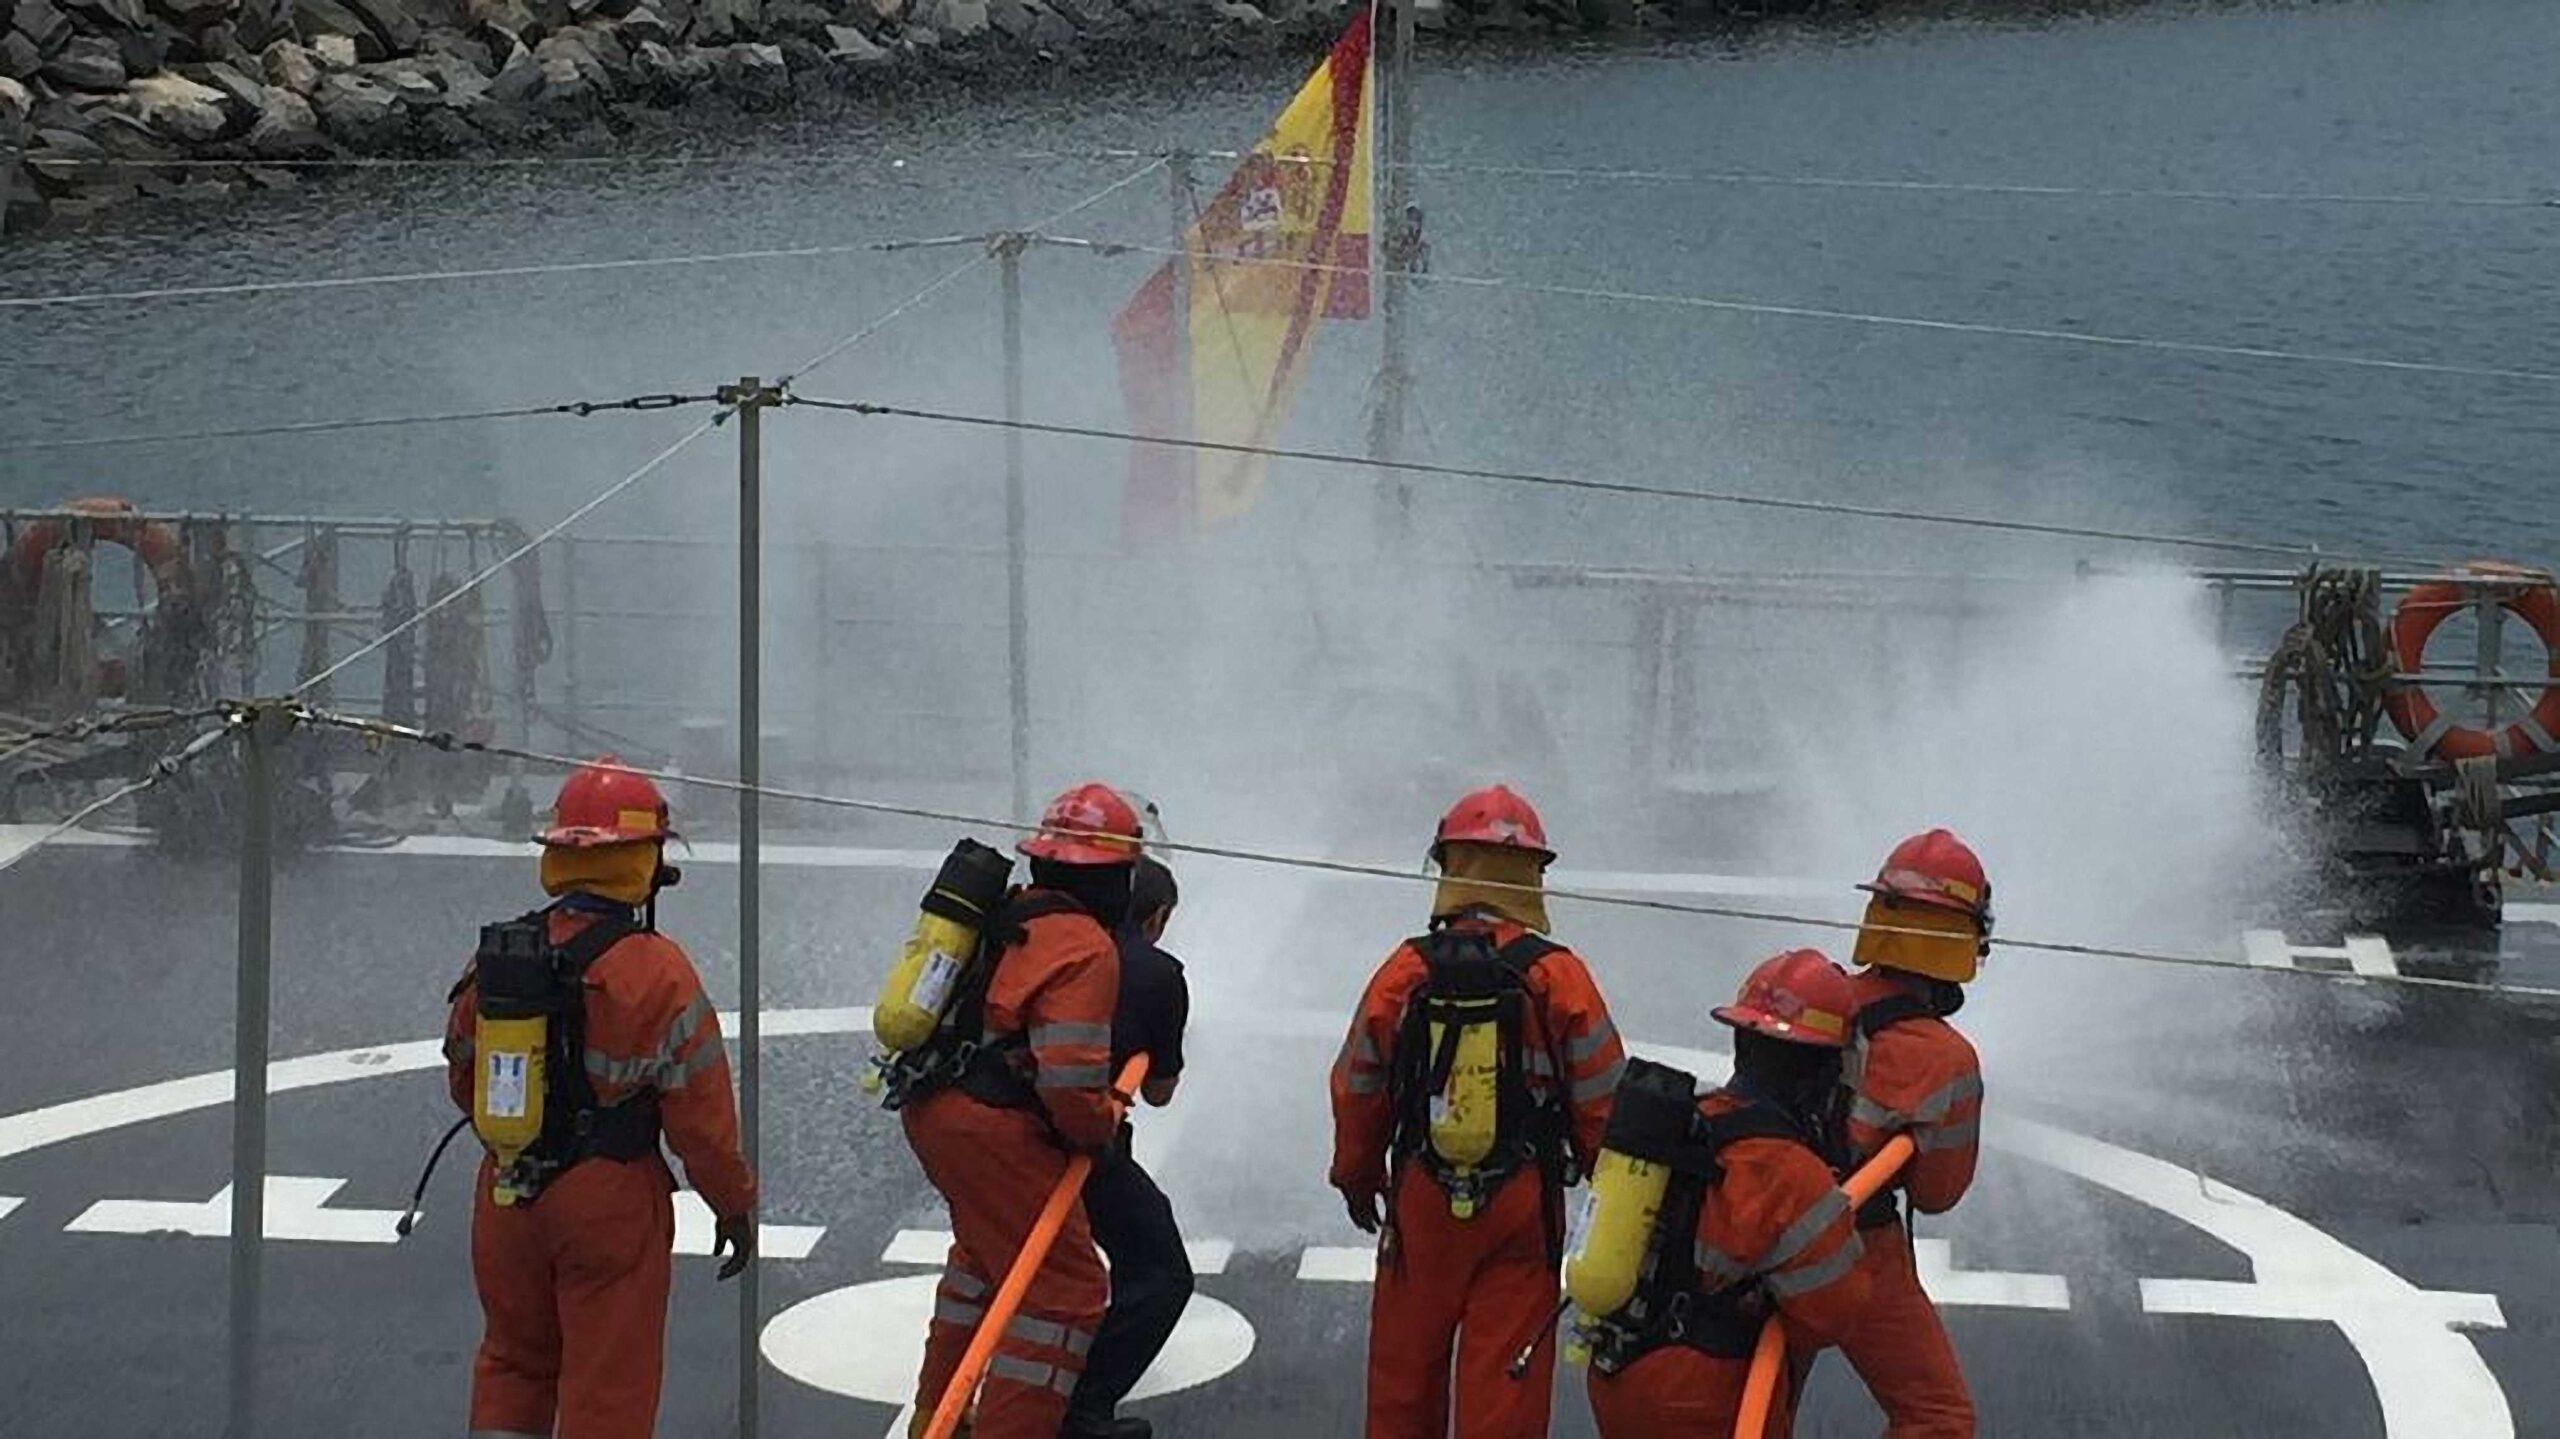 Figura 6: Ejercicio contraincendios en el patrullero Centinela (Fuente: Armada)